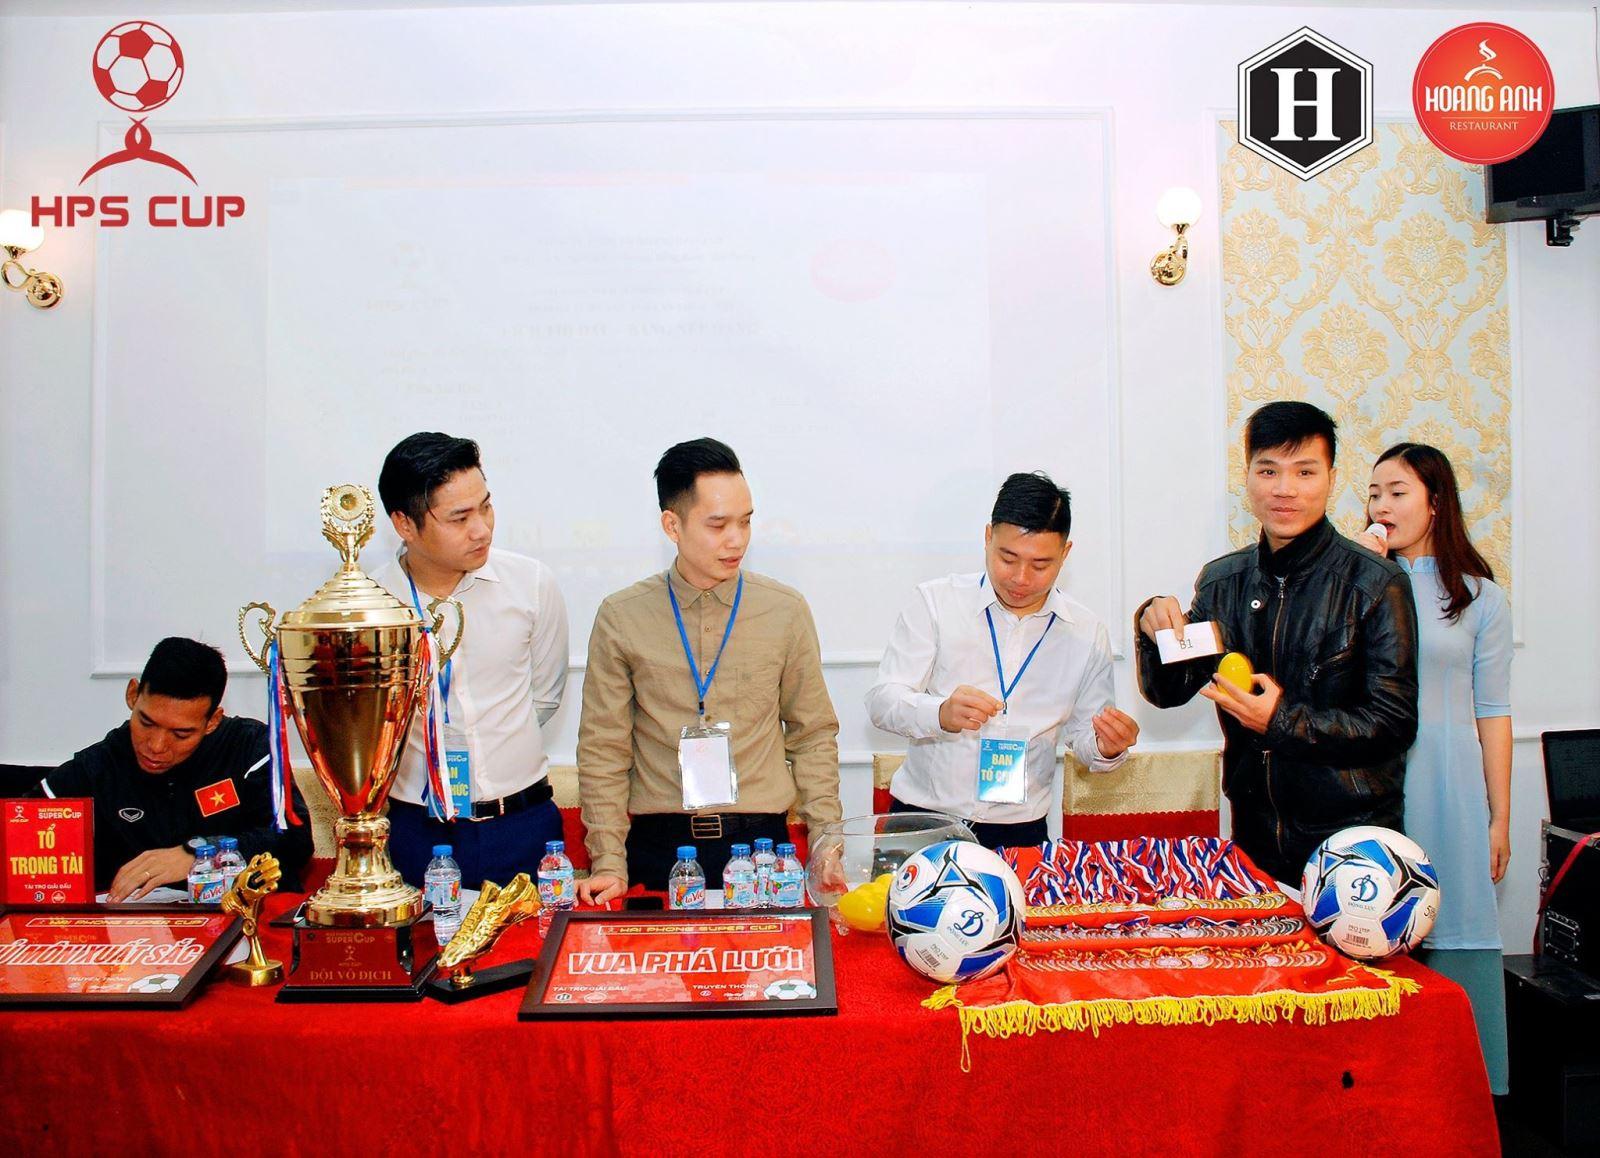 Hải Phòng Super Cup 2018: Sân chơi của người hâm mộ bóng đá phong trào đất Cảng. 2